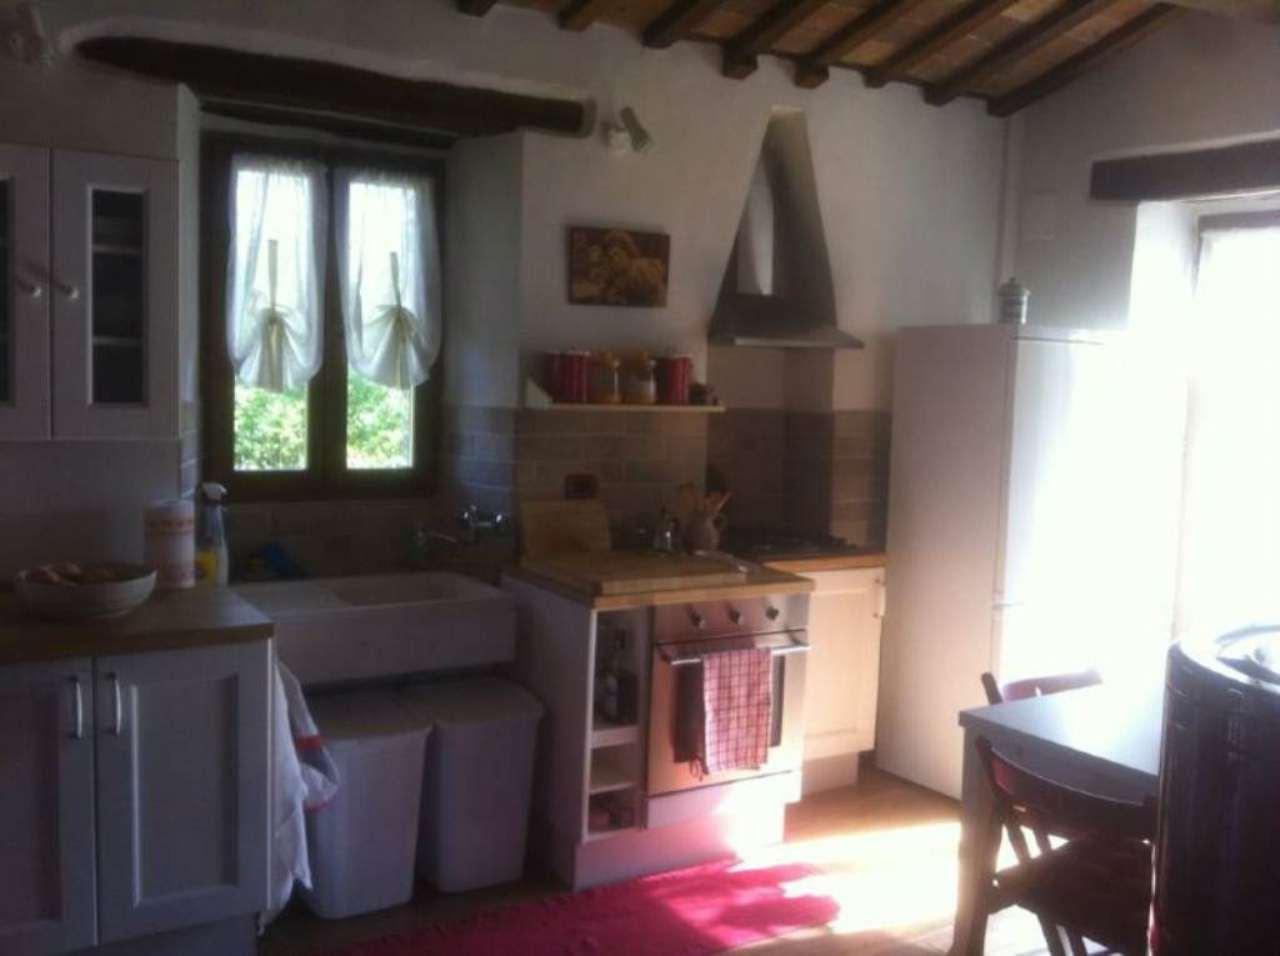 Palazzo / Stabile in vendita a Sant'Agata Feltria, 3 locali, prezzo € 120.000 | Cambio Casa.it